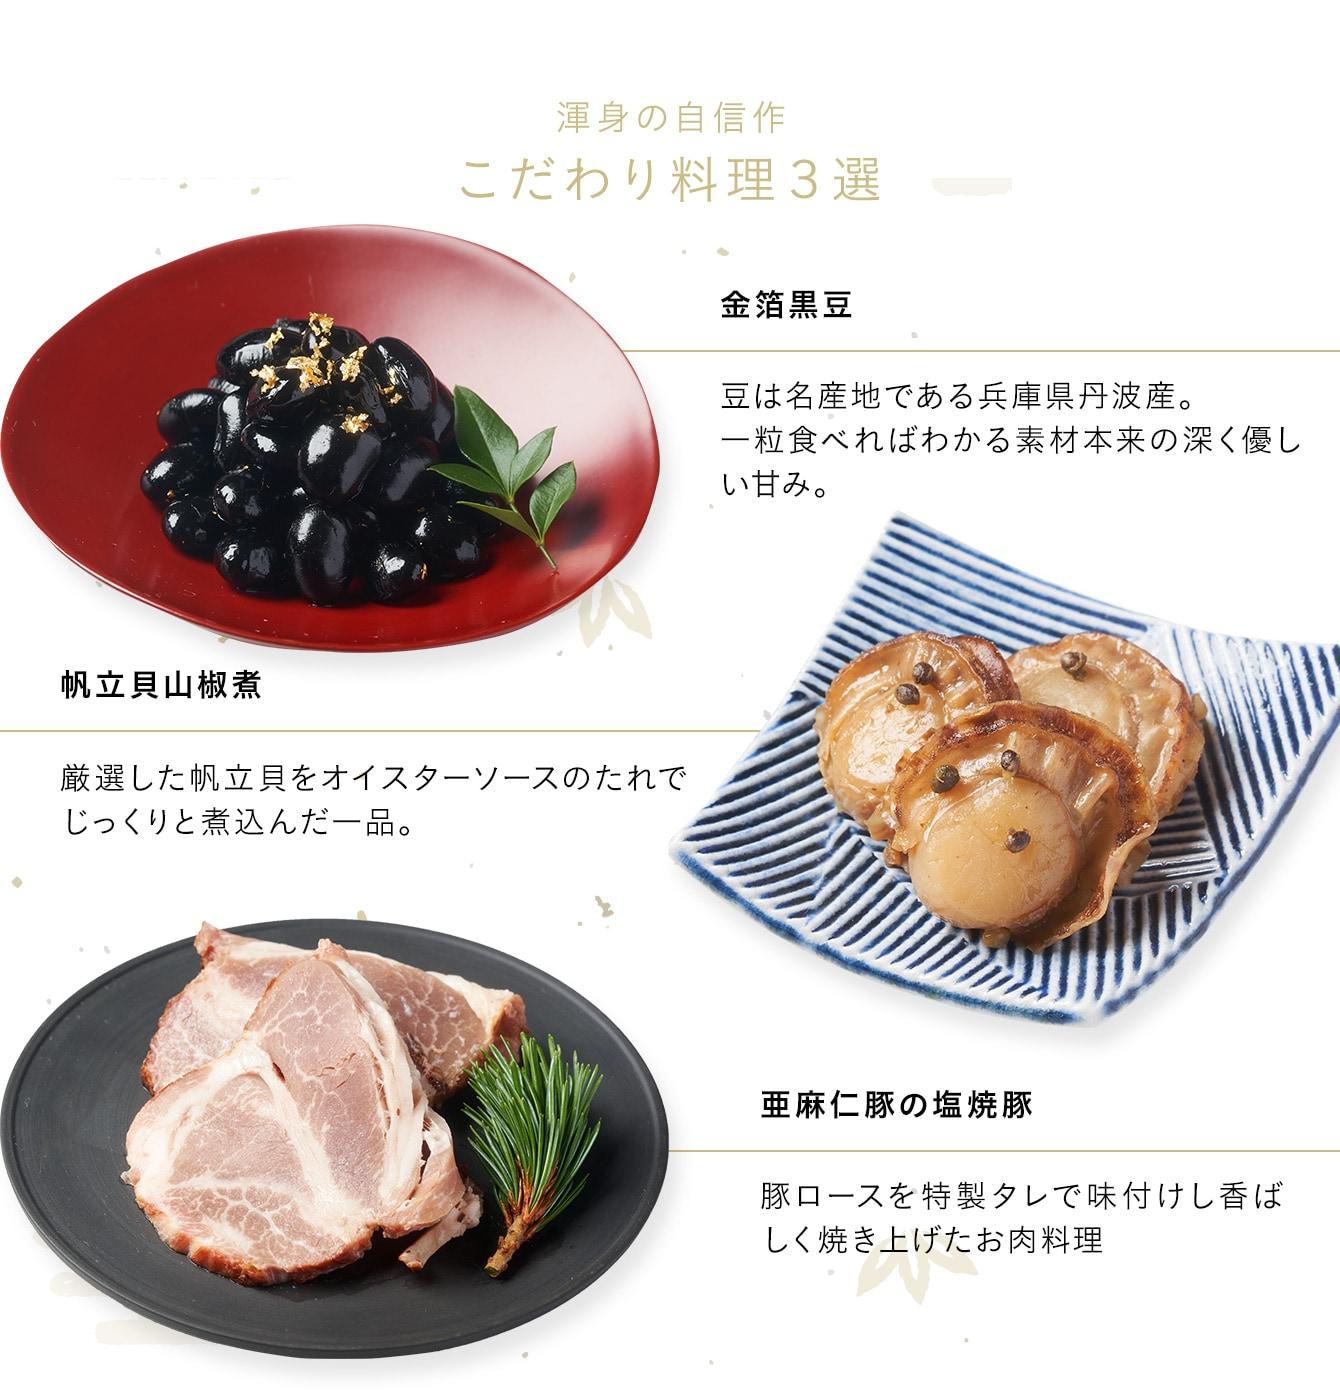 二の重 渾身の自信作 こだわり料理3選 金箔黒豆、帆立貝山椒煮、亜麻仁豚の塩焼豚